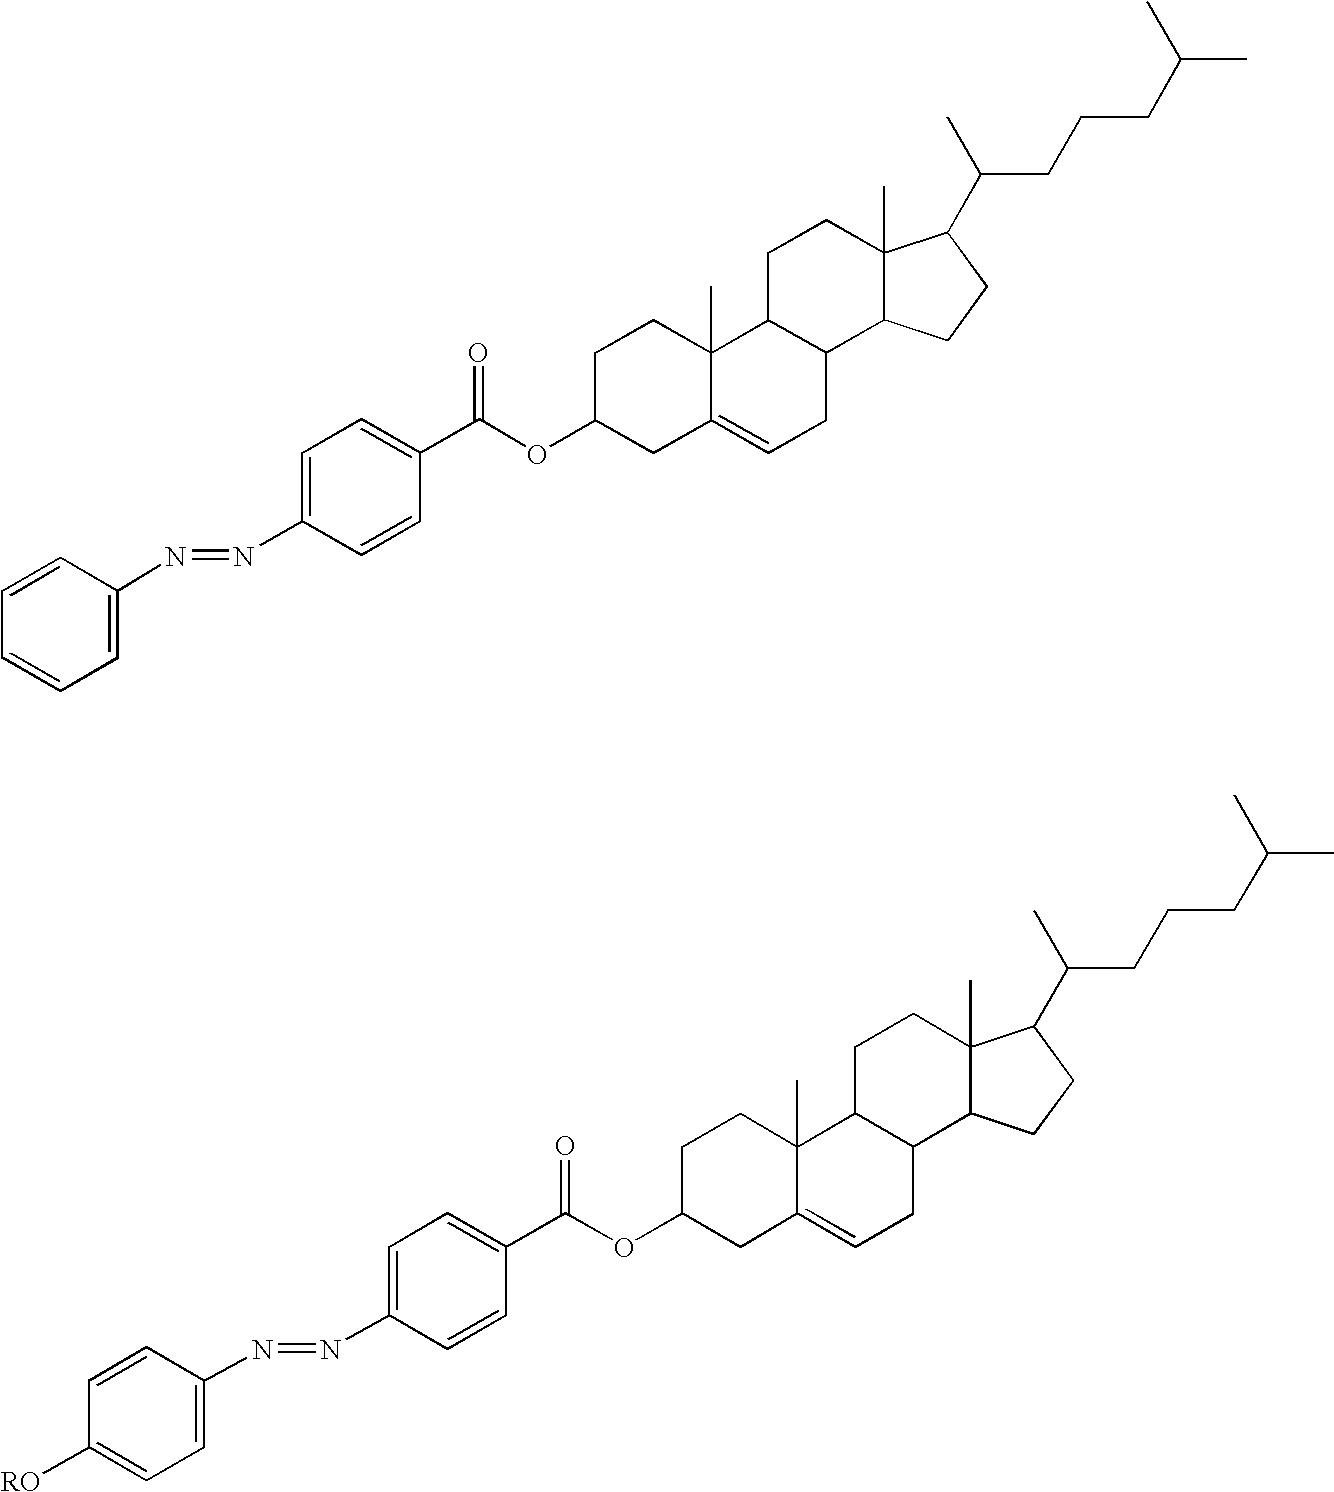 Figure US20040065227A1-20040408-C00024